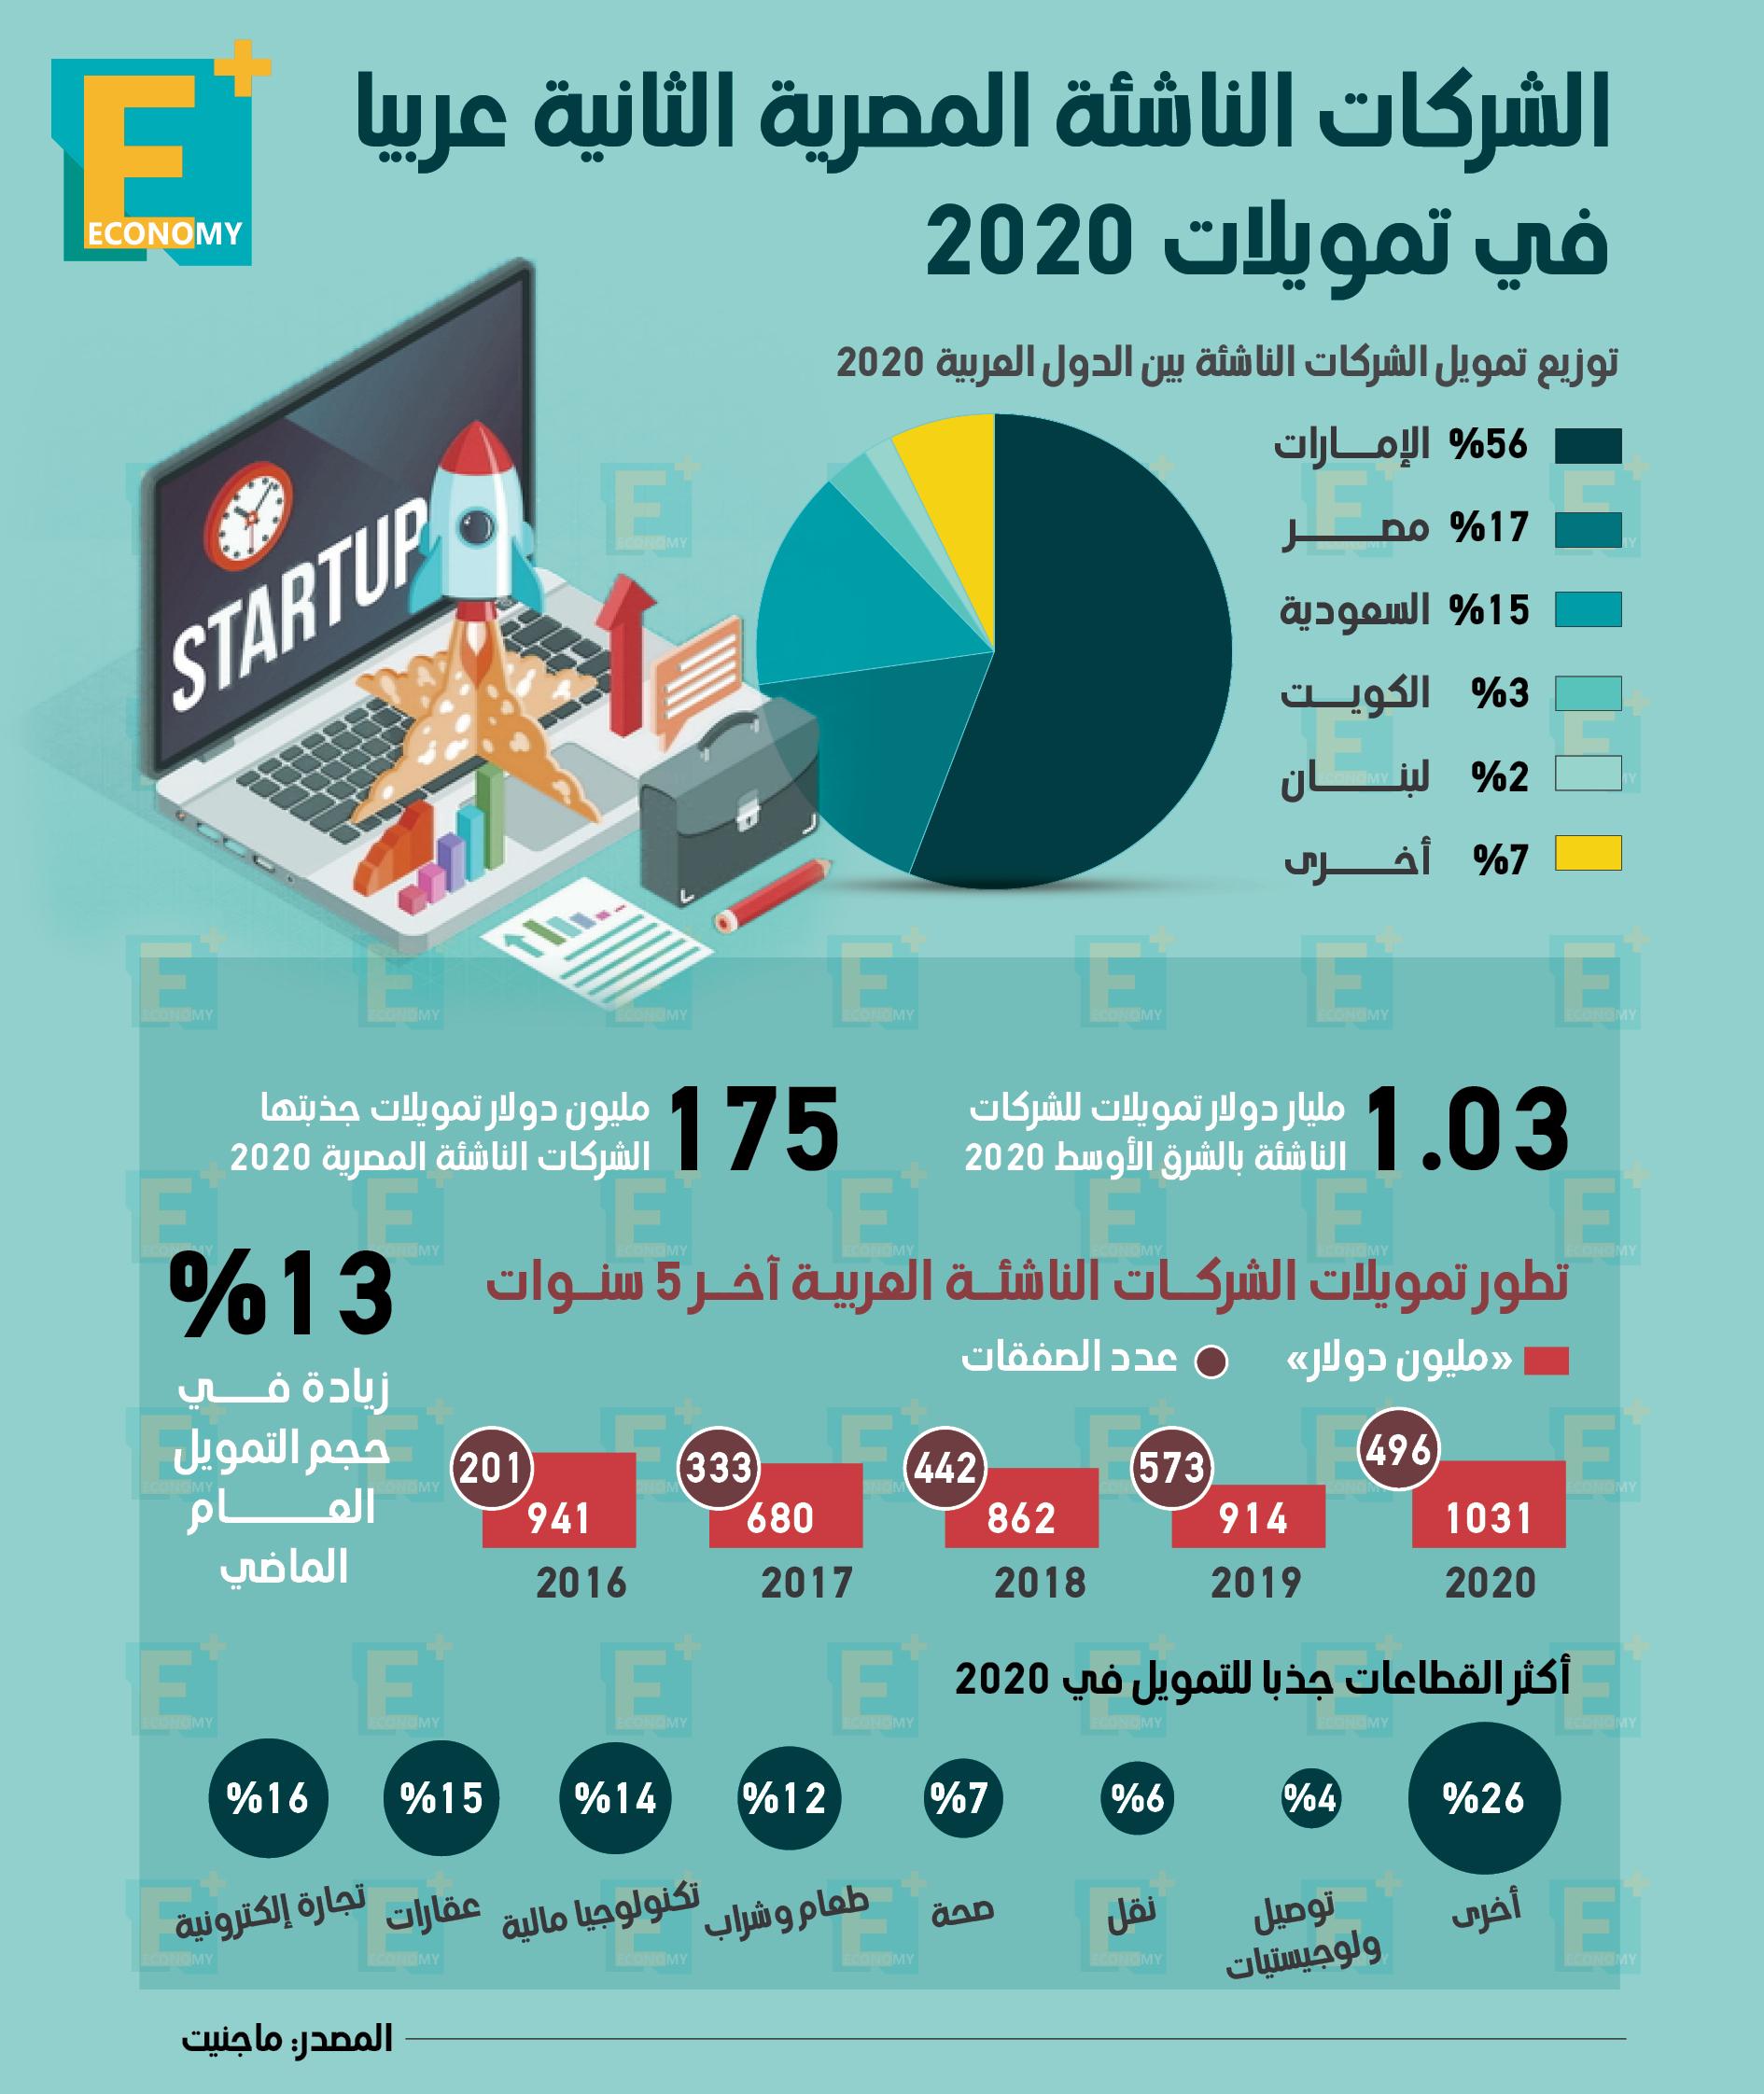 الشركات الناشئة المصرية الثانية عربيا في تمويلات 2020